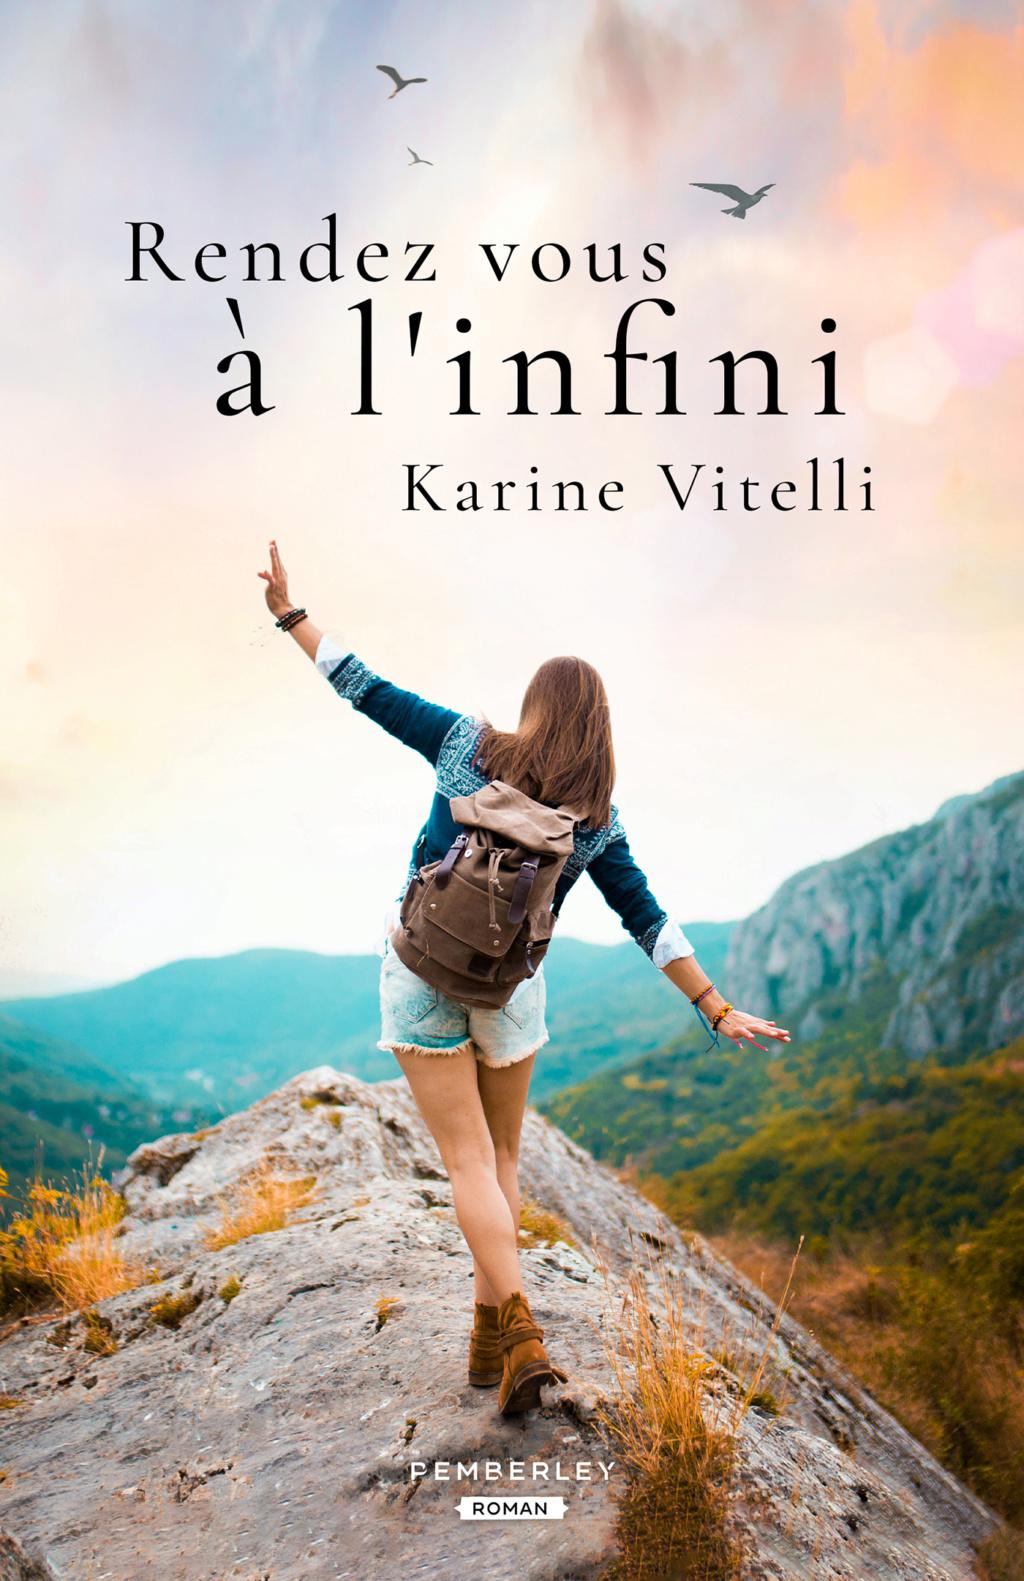 Rendez-vous à l'infini de Karine Vitelli 2930be10